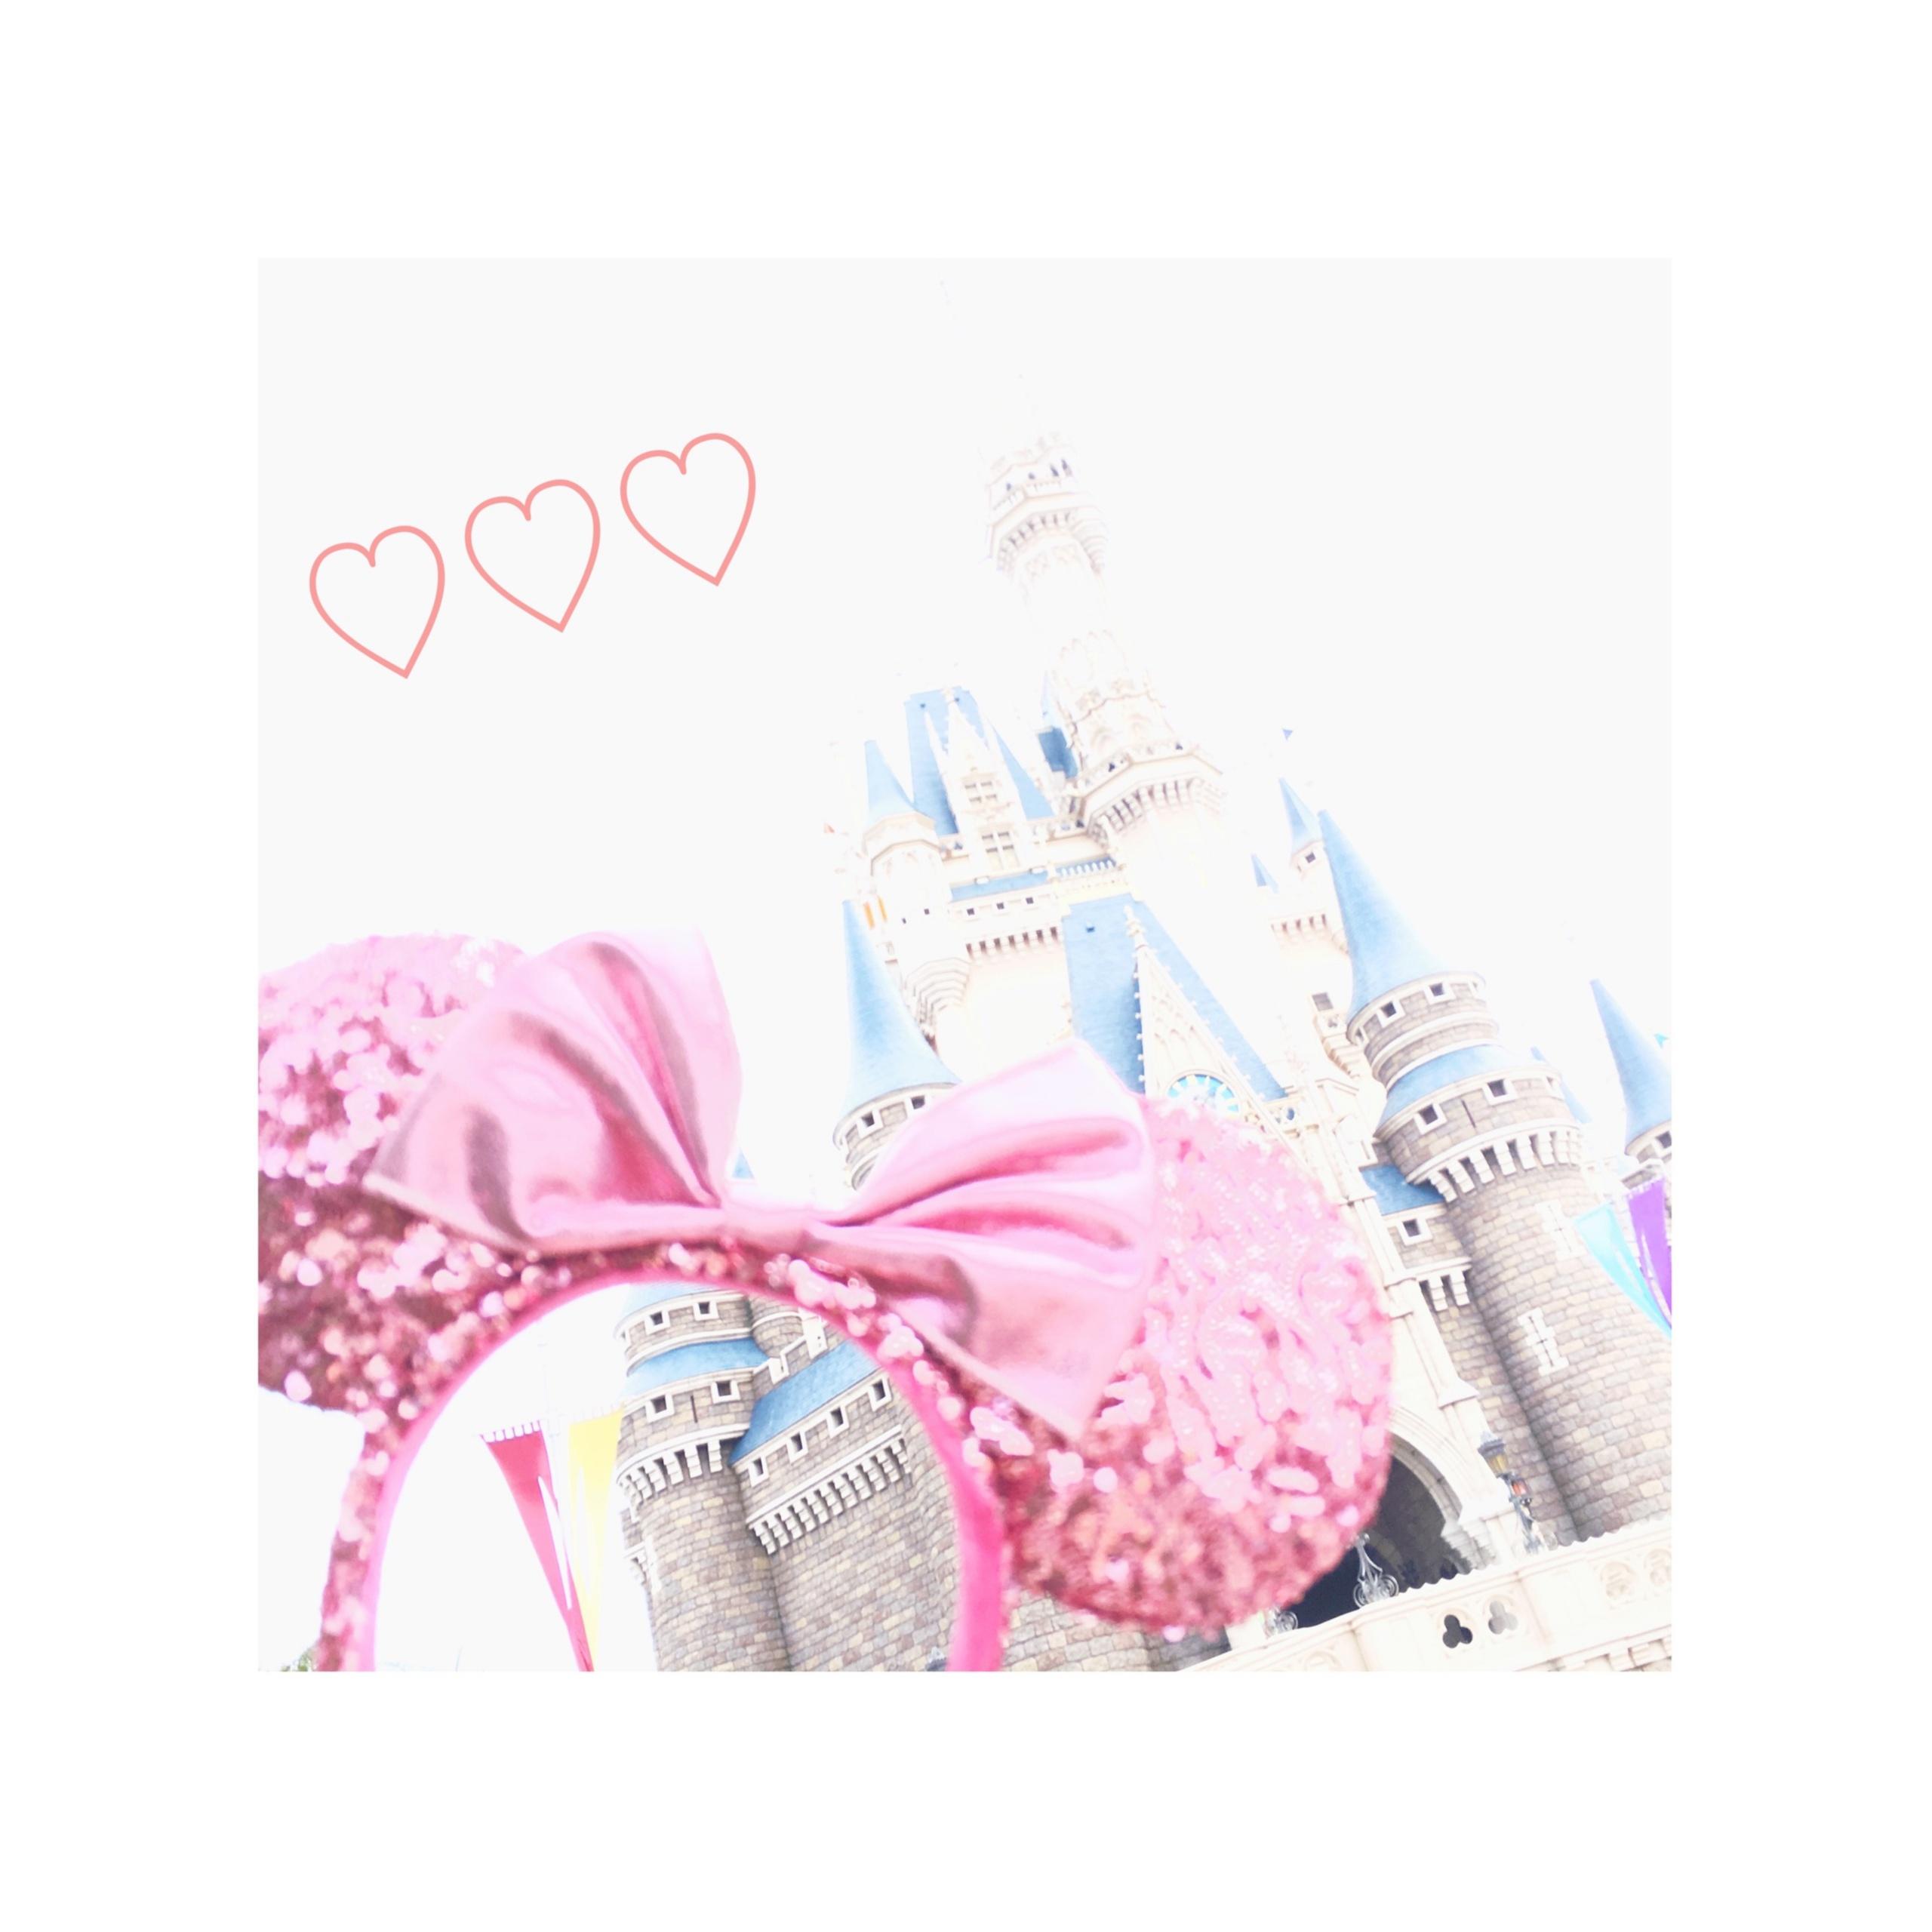 《絶対ほしい!》TDLで大人気★ピンクスパンコールの新作【ミニーちゃんカチューシャ】が可愛い❤️❤️_1